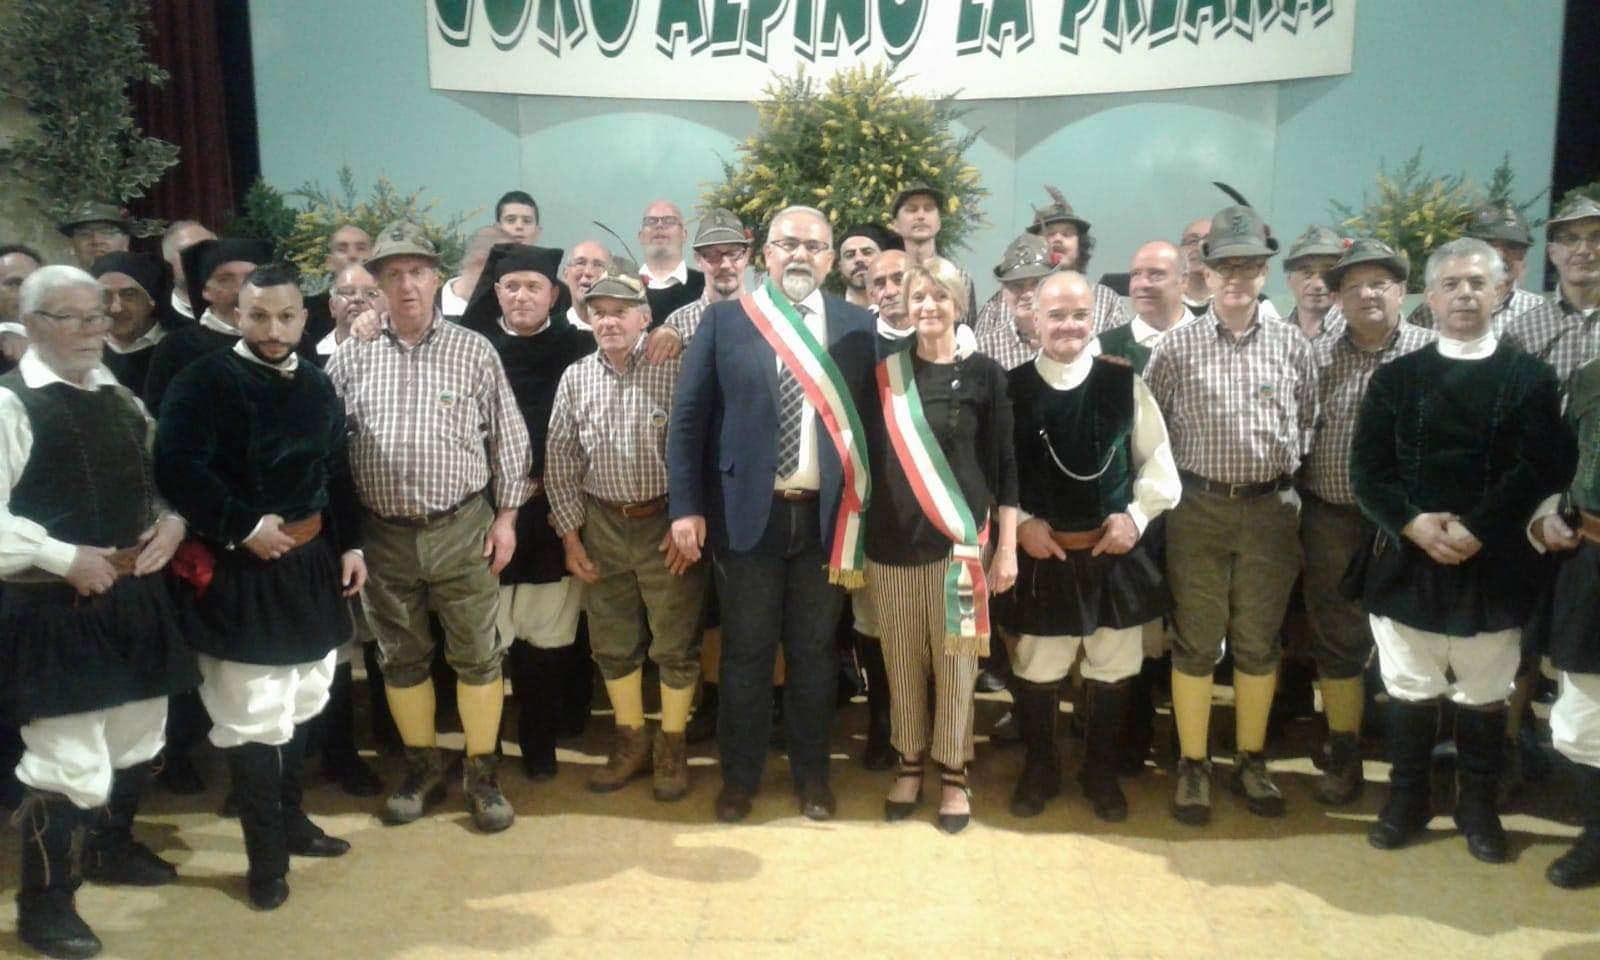 Il Coro Città di Ozieri e Preara nel teatro di Caprino